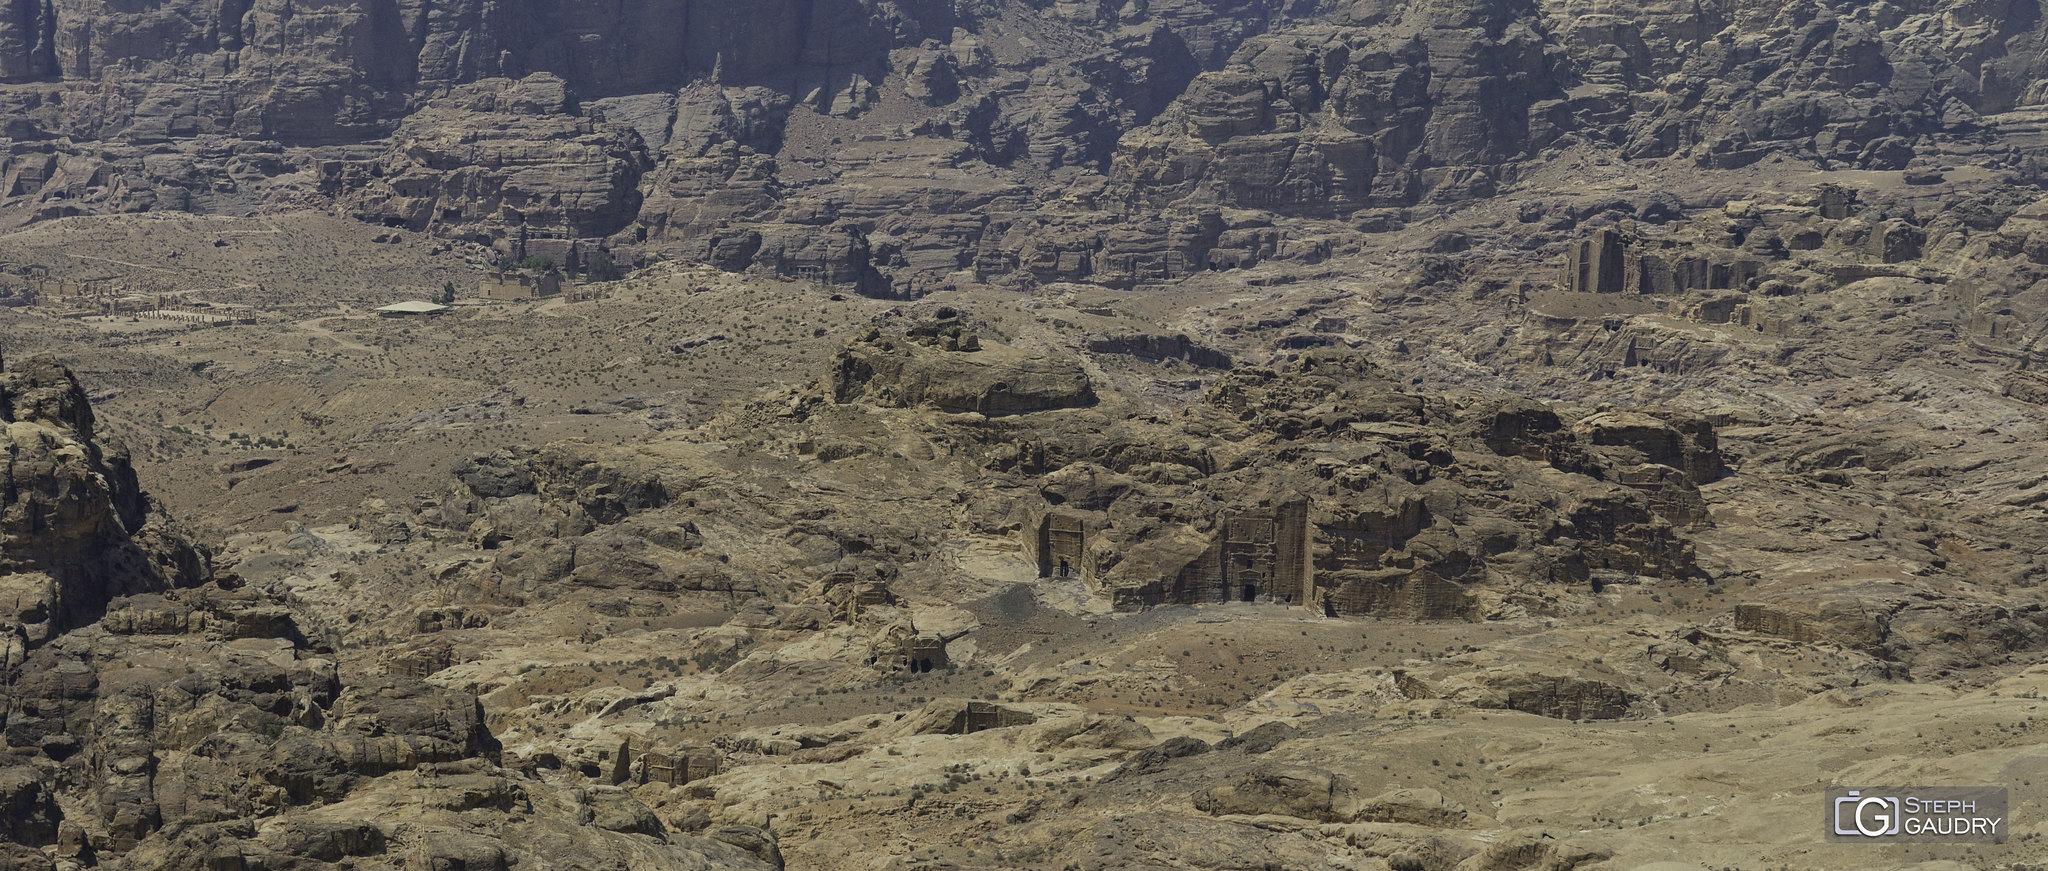 Chaque morceau de rocher est sculpté à Petra... [Cliquez pour lancer le diaporama]